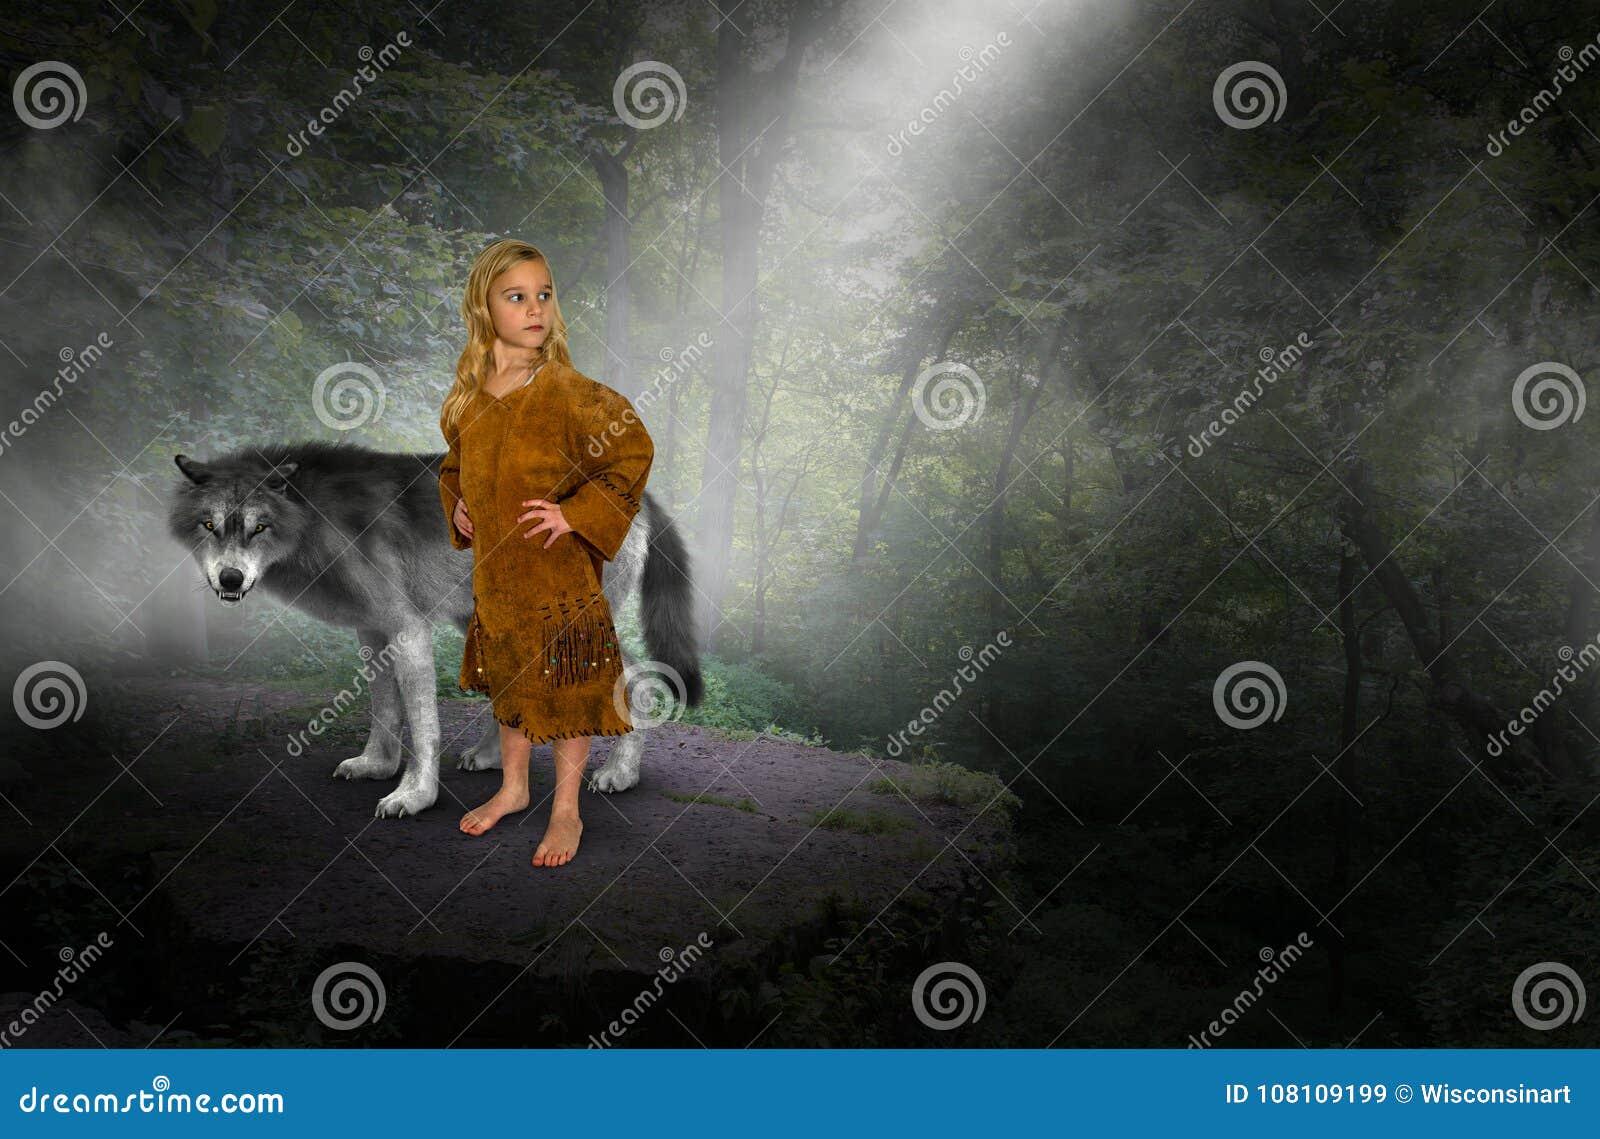 Ragazza, principessa indiana, lupo